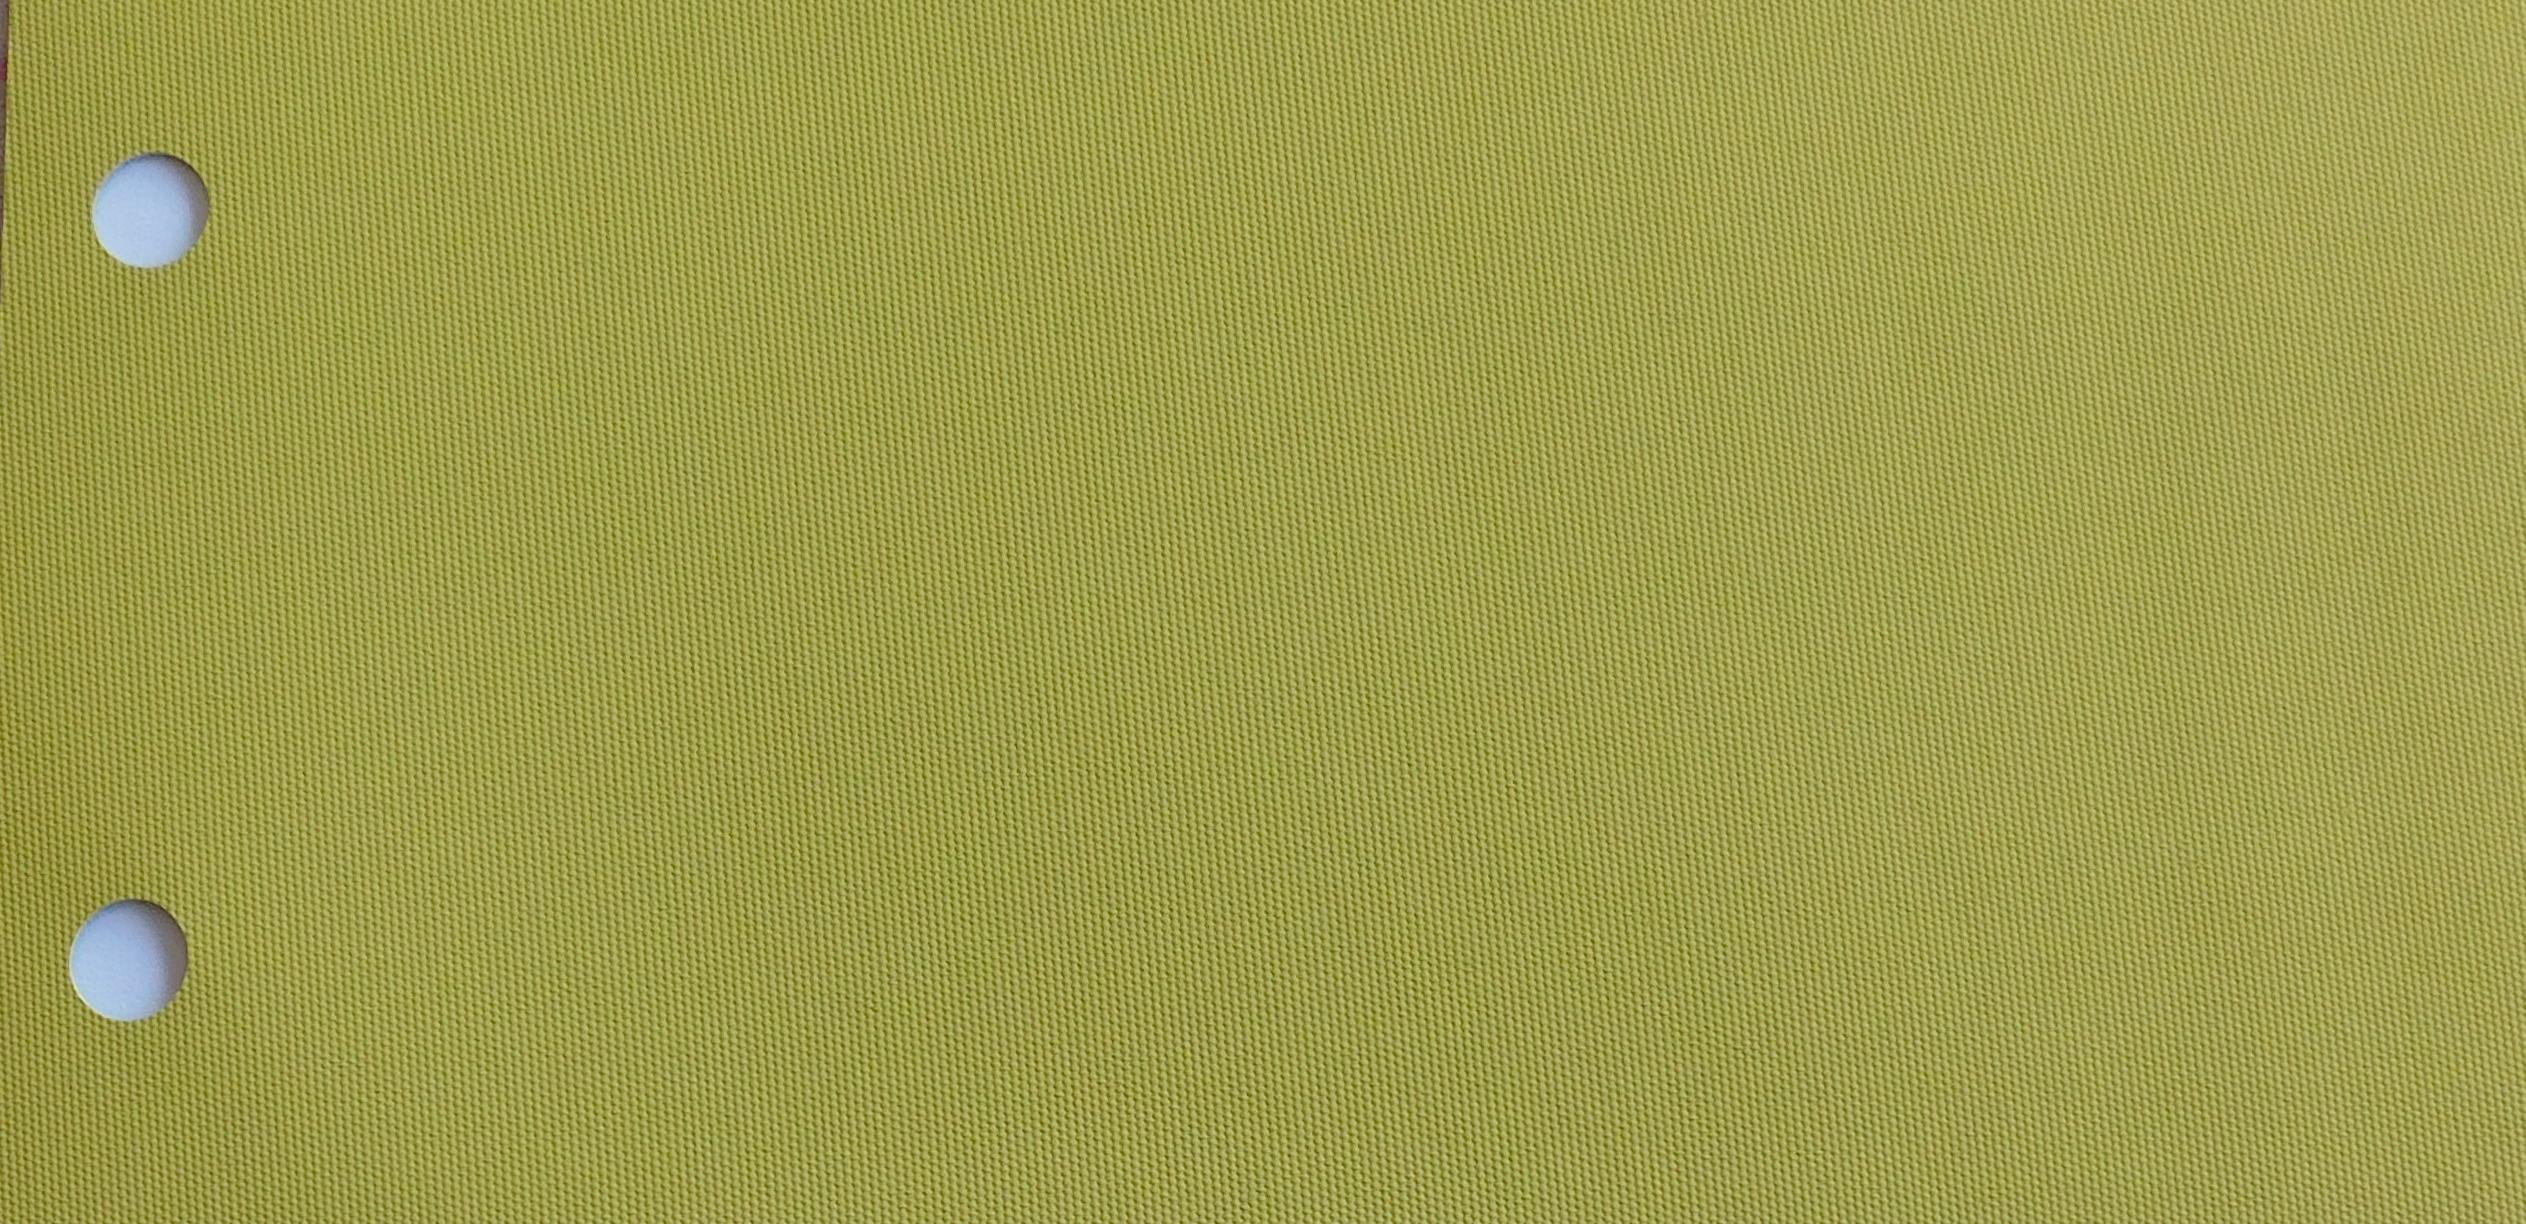 Vitra Zest Blind fabric